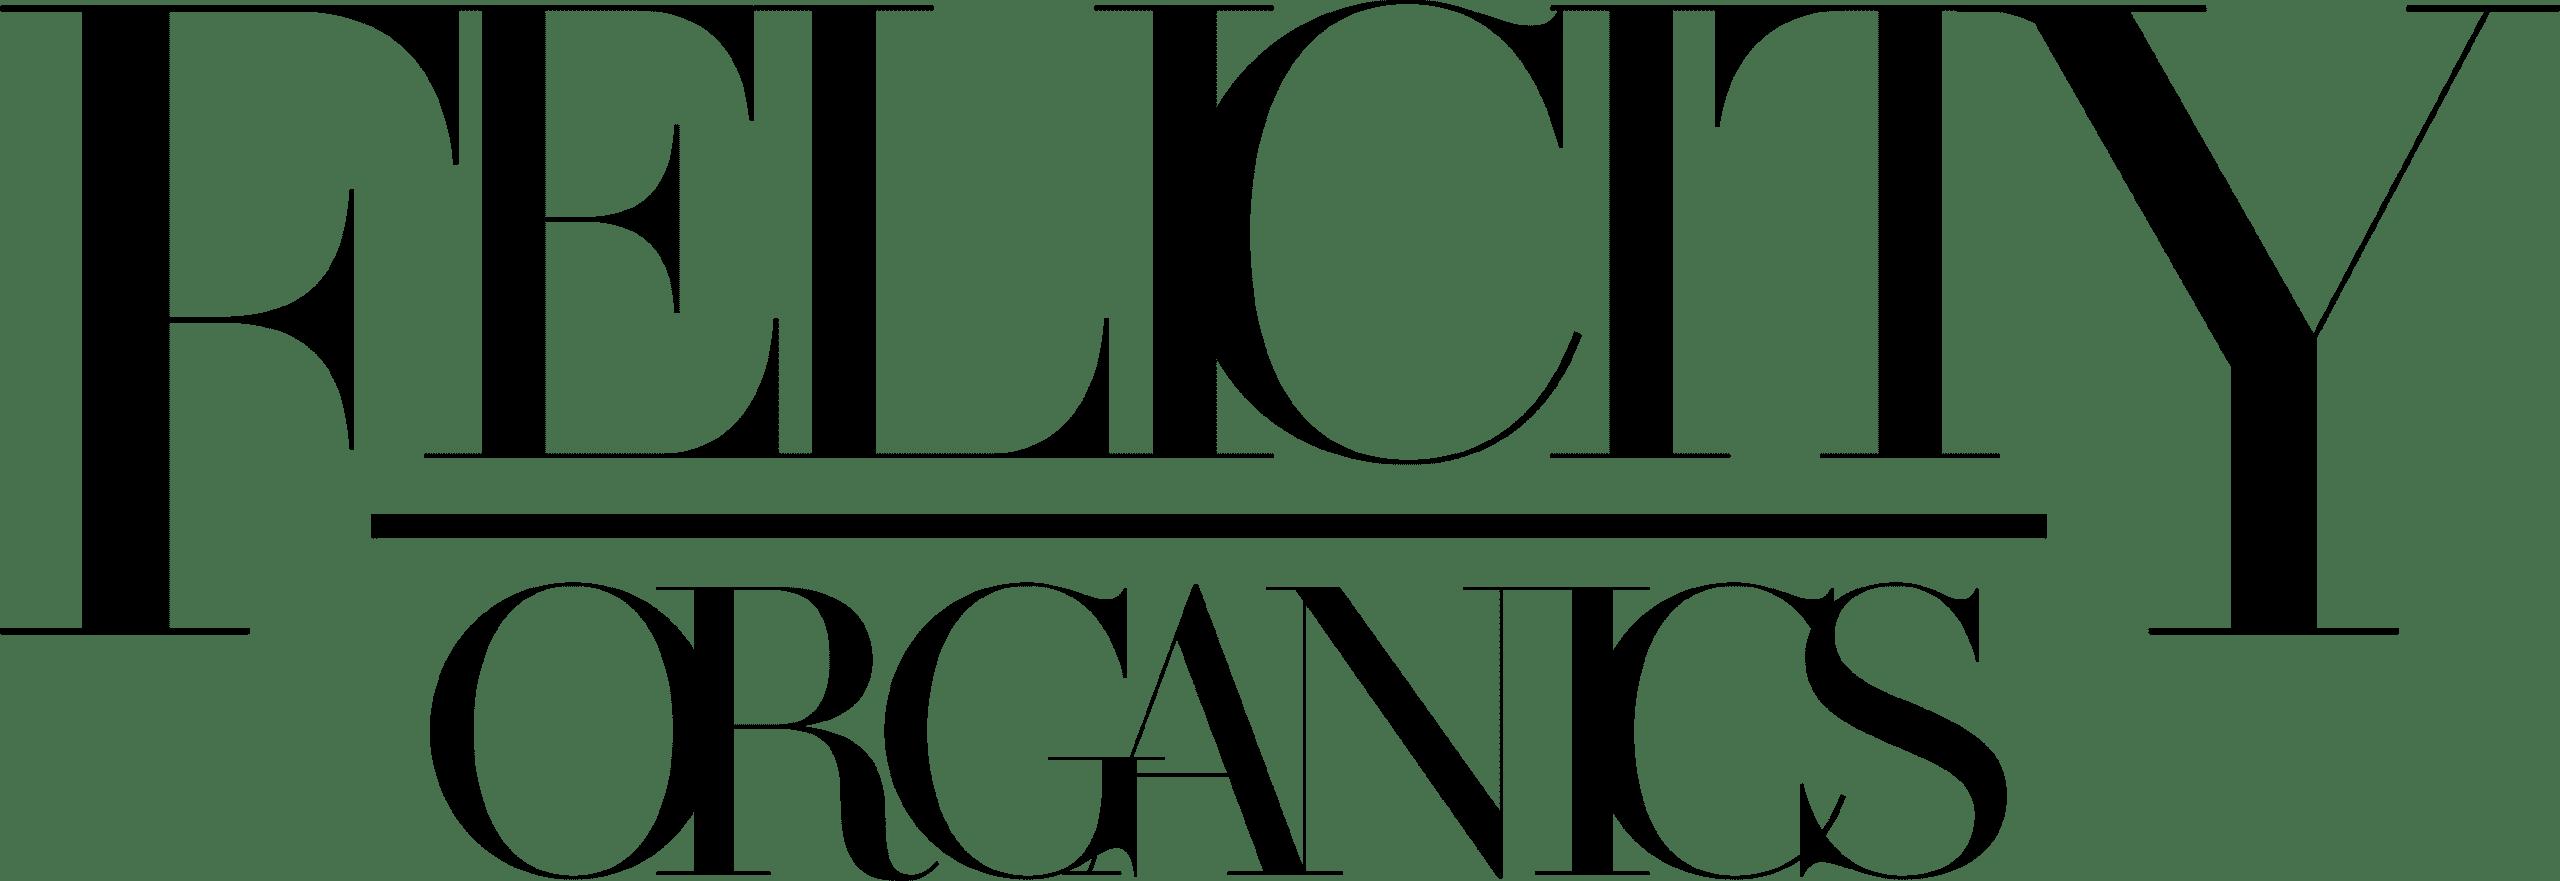 Felicity Organics logo 1